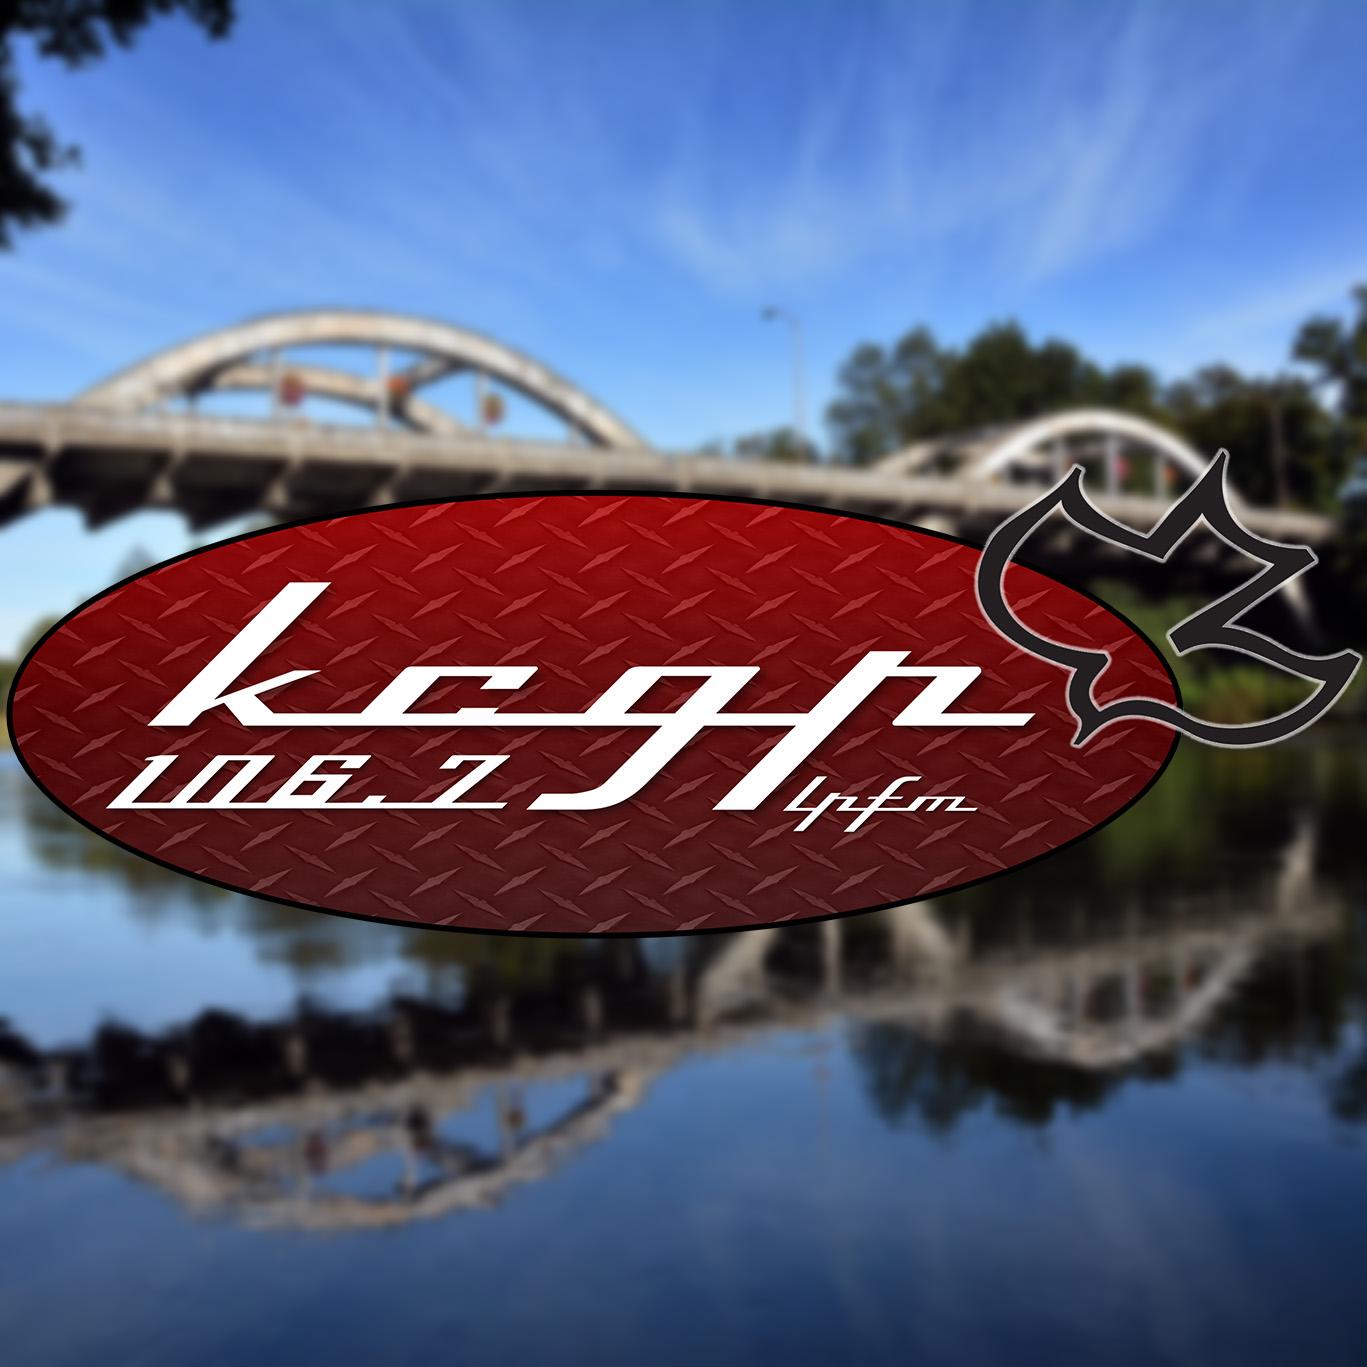 KCGP-LP, 106.7 FM